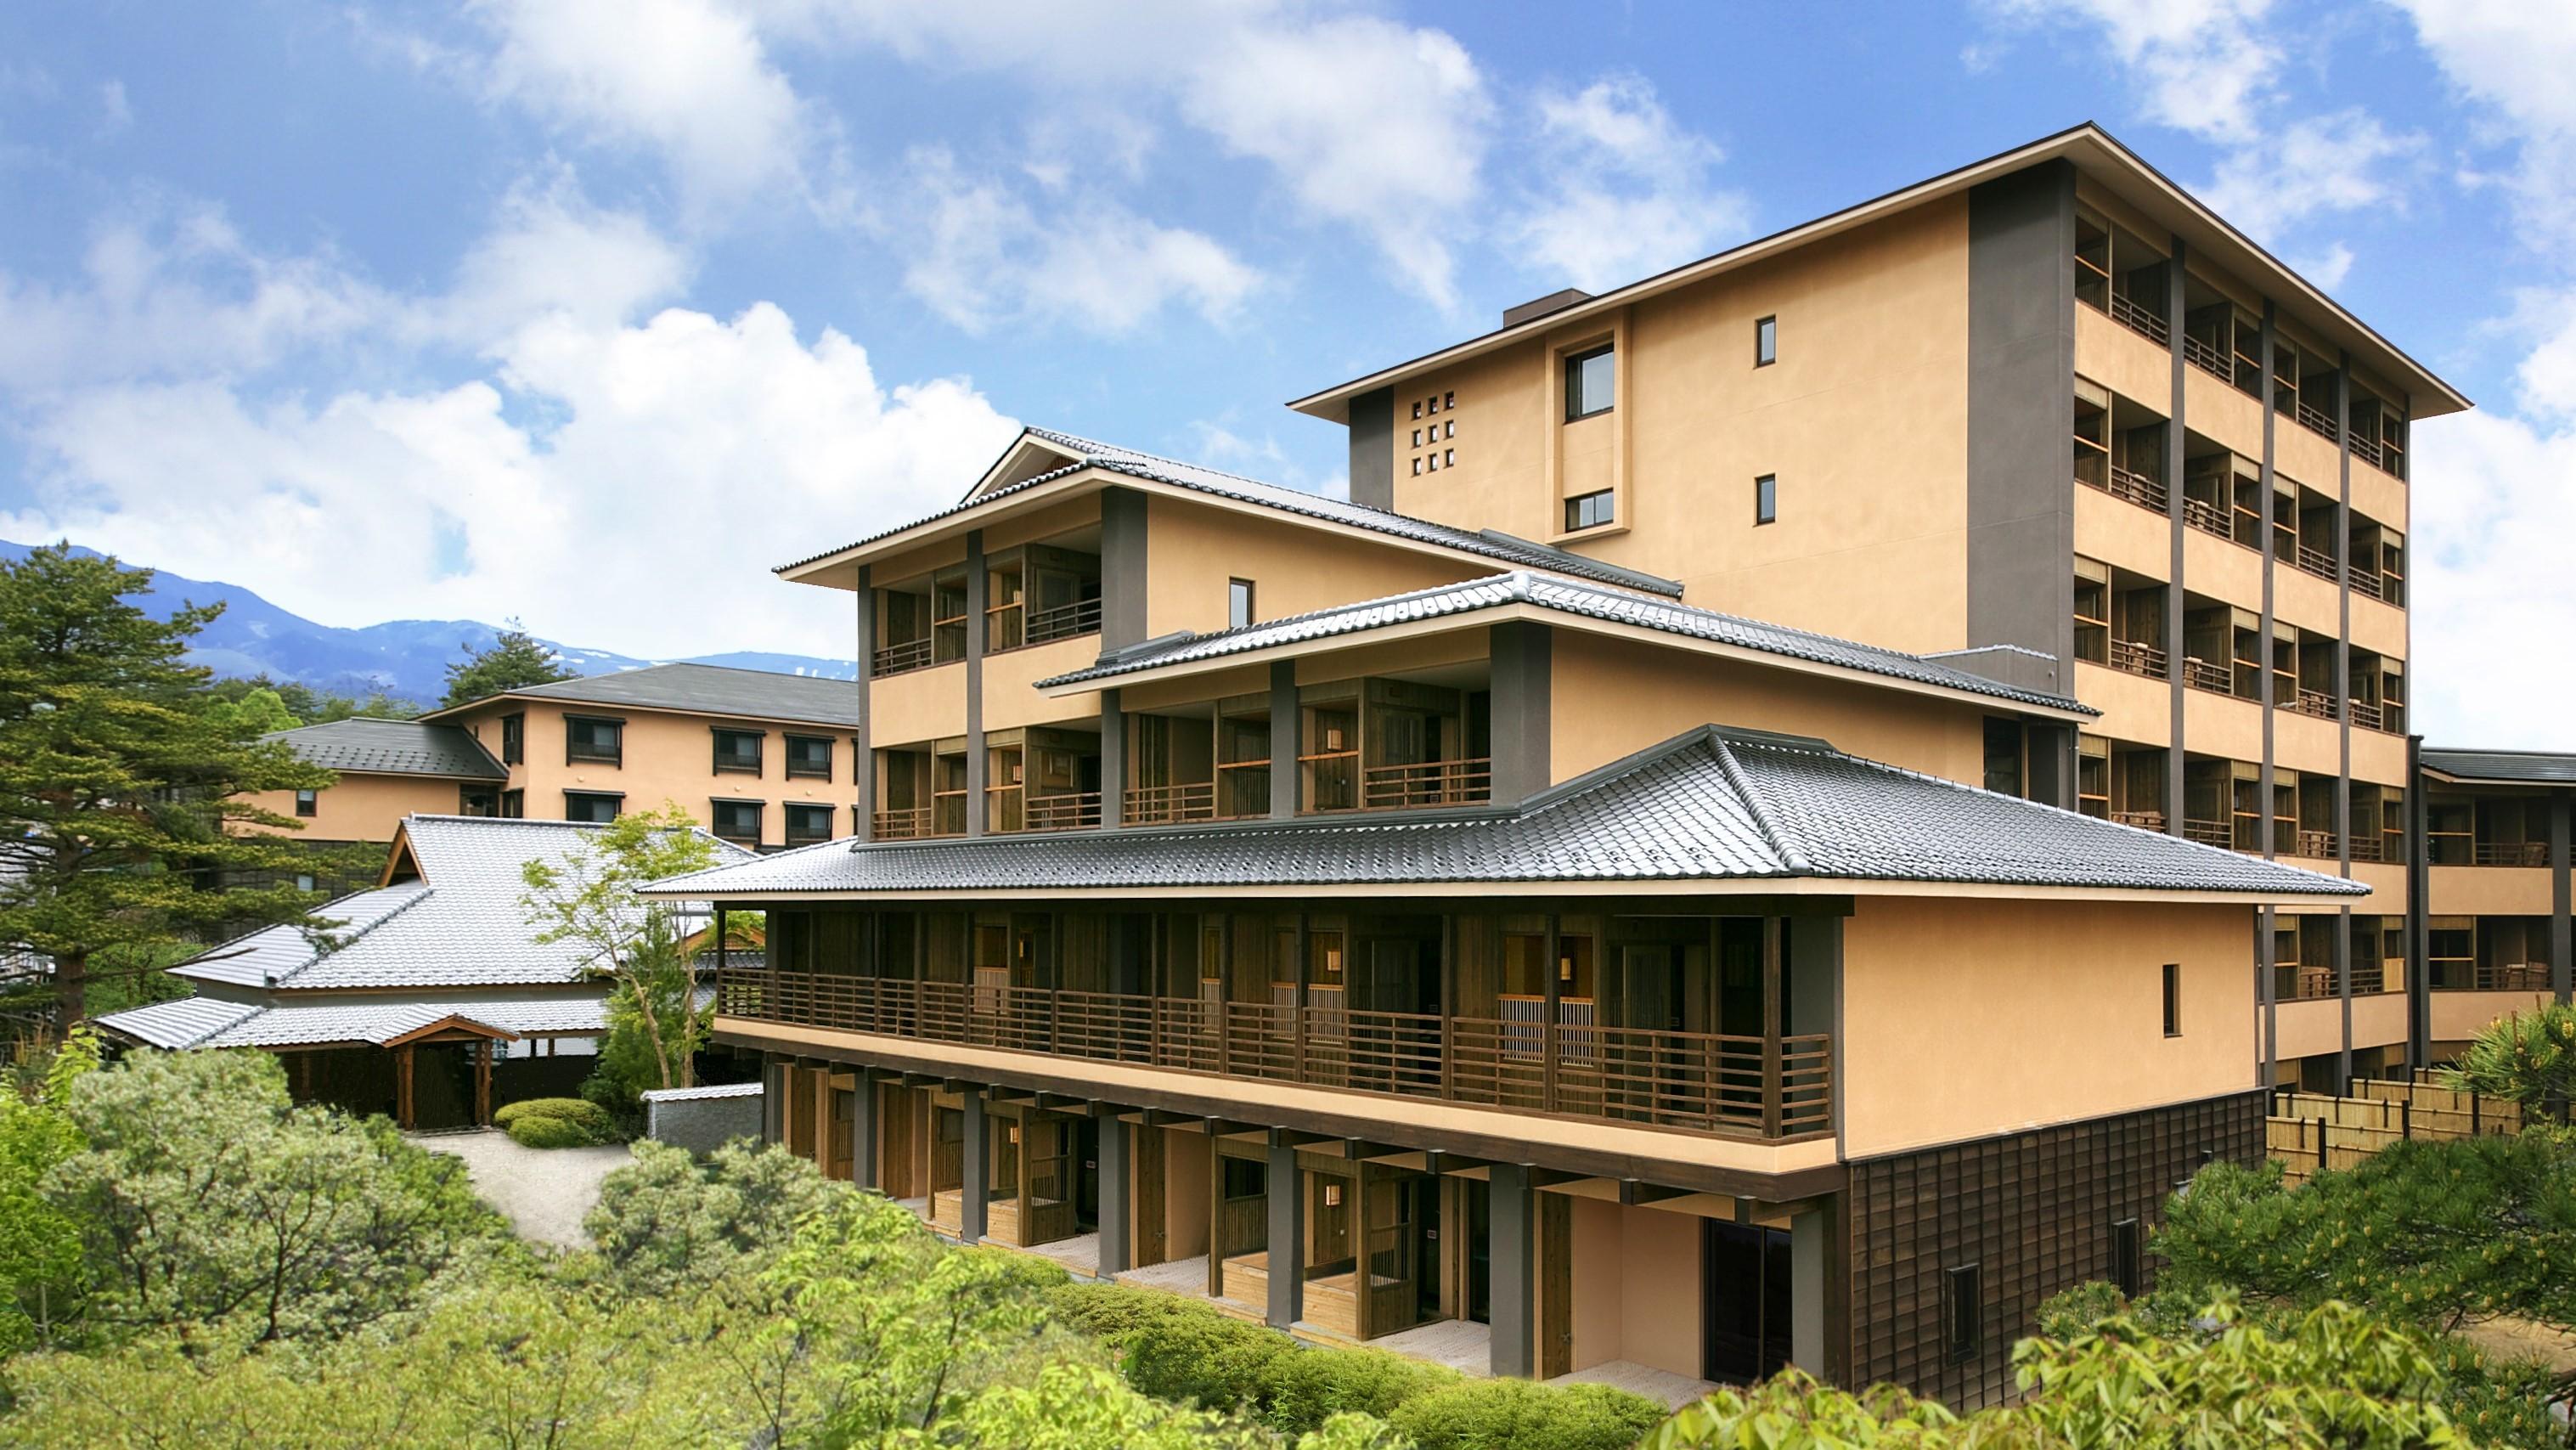 妻の誕生日に草津温泉に行きます。バースデープランのある温泉宿はありますか?